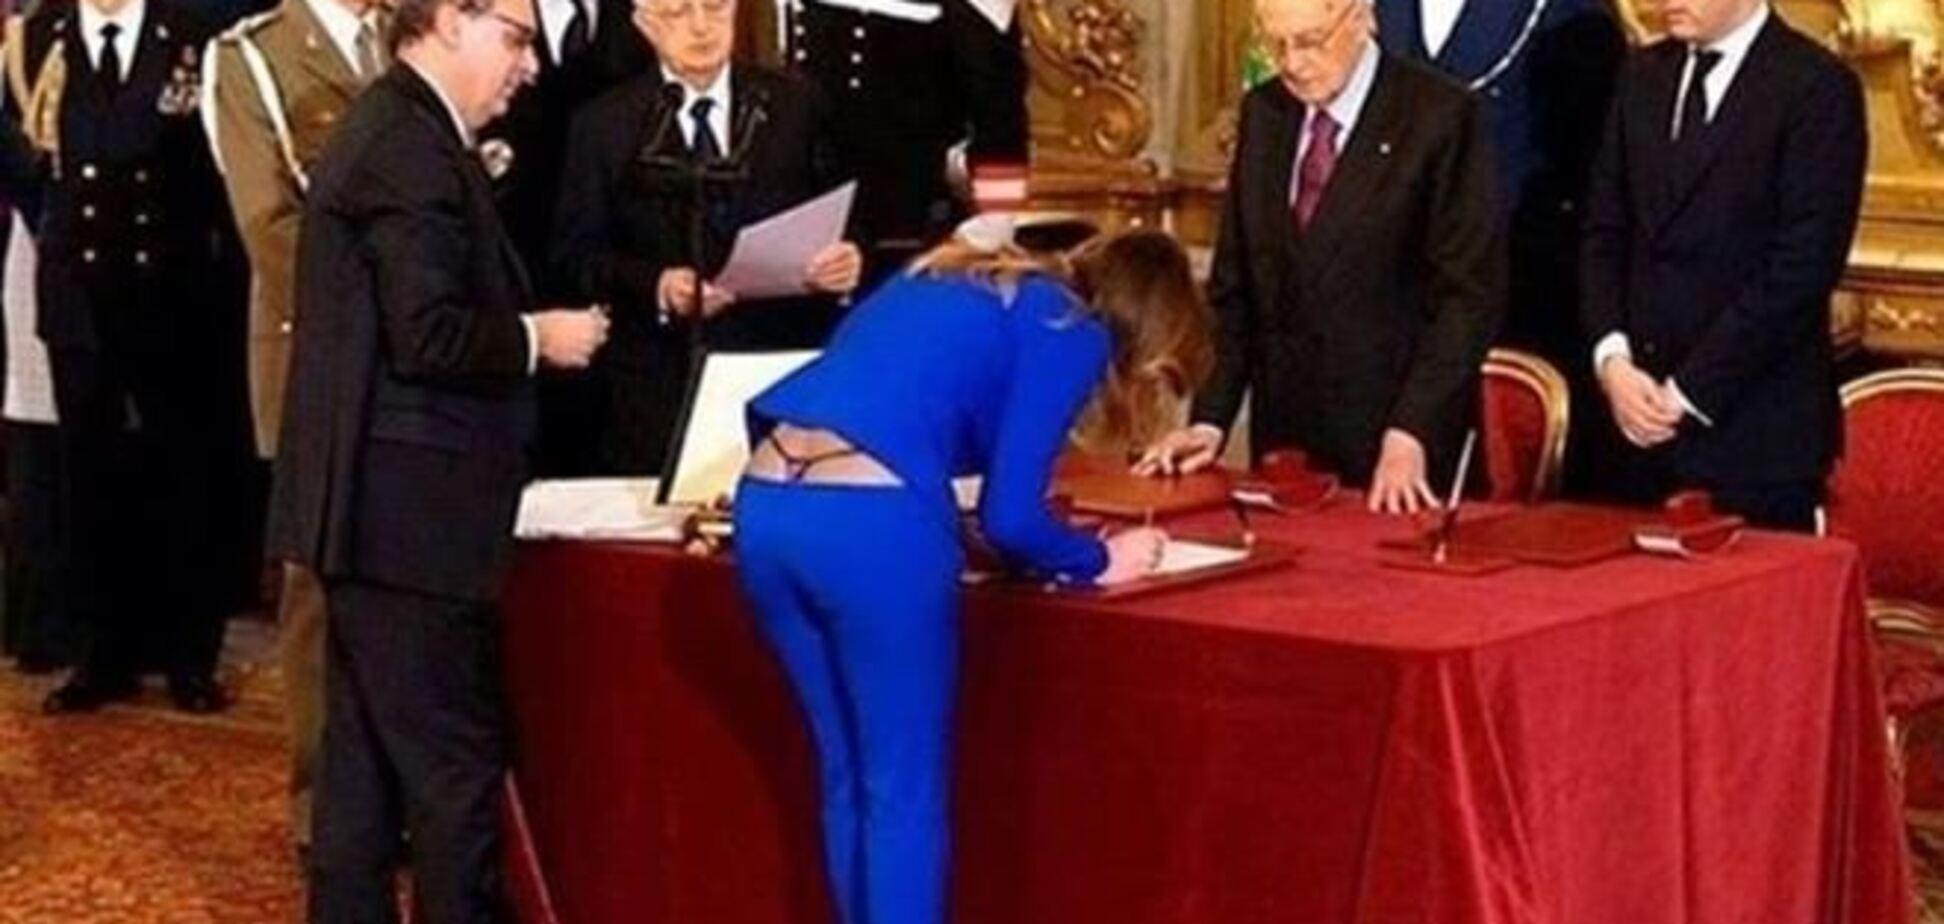 Фото трусів міністра Італії підірвало Інтернет